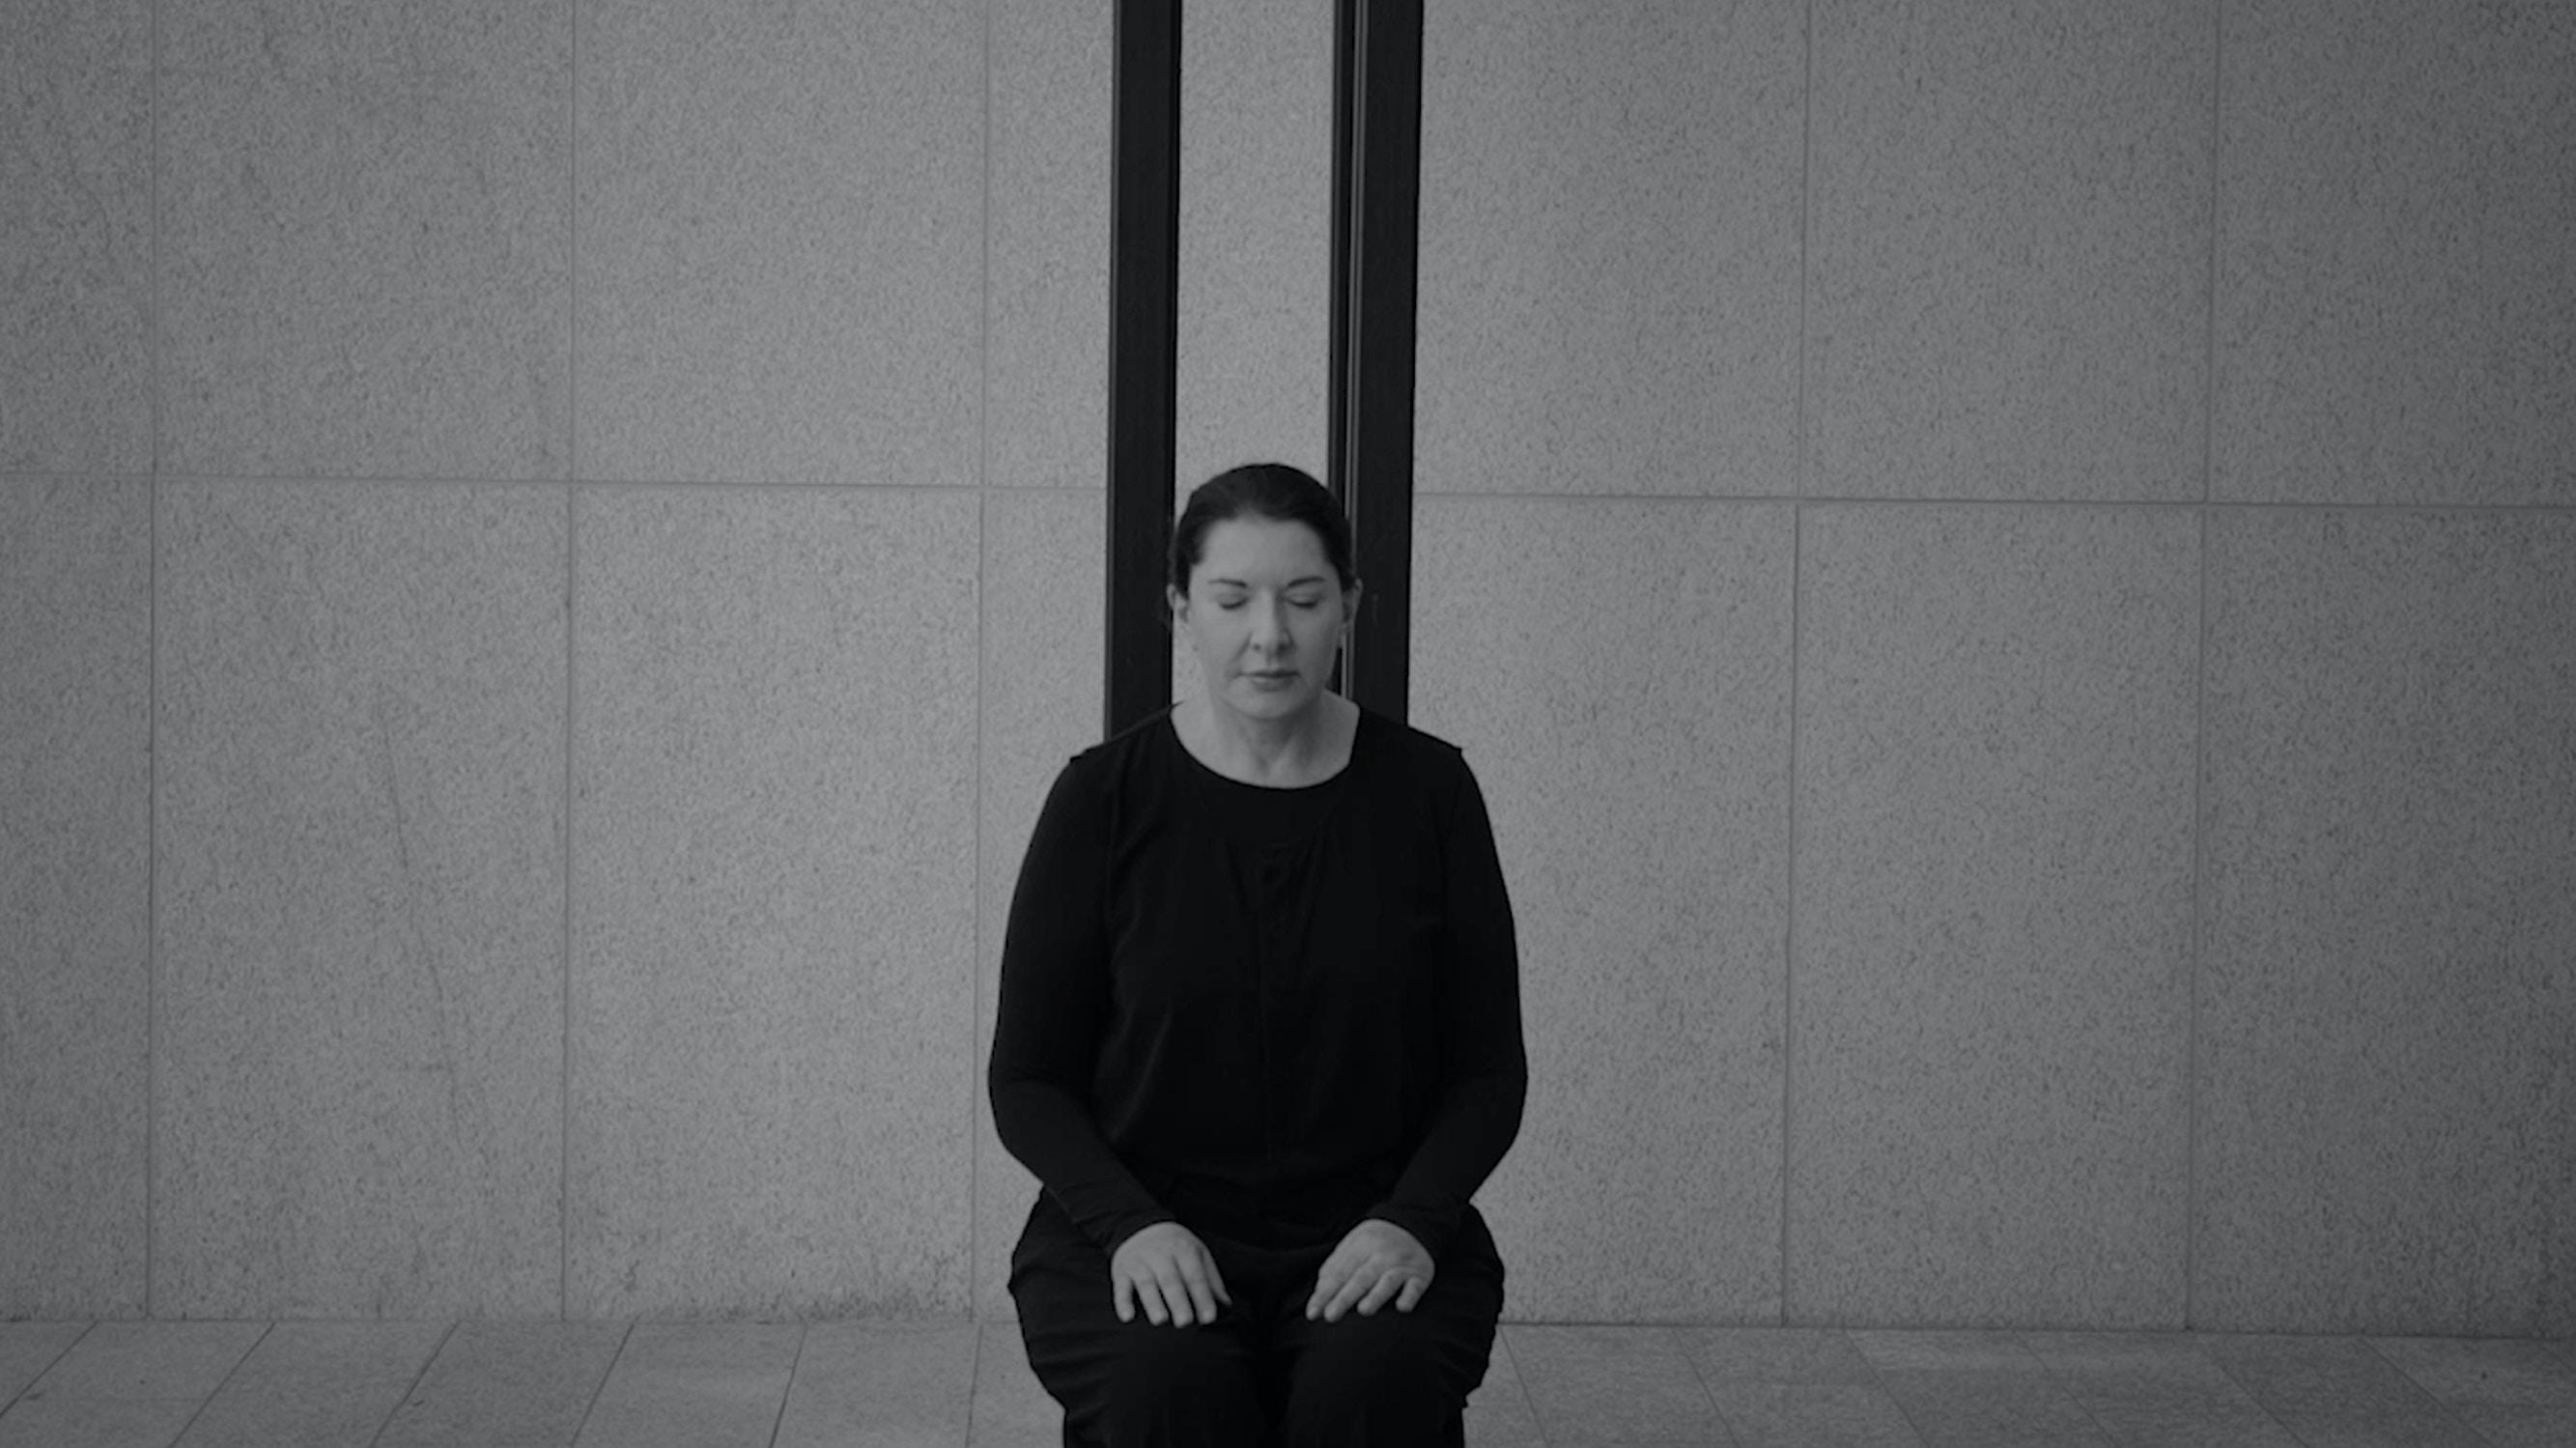 Kunstneren fotografert på stolen som er hennes egen skulptur